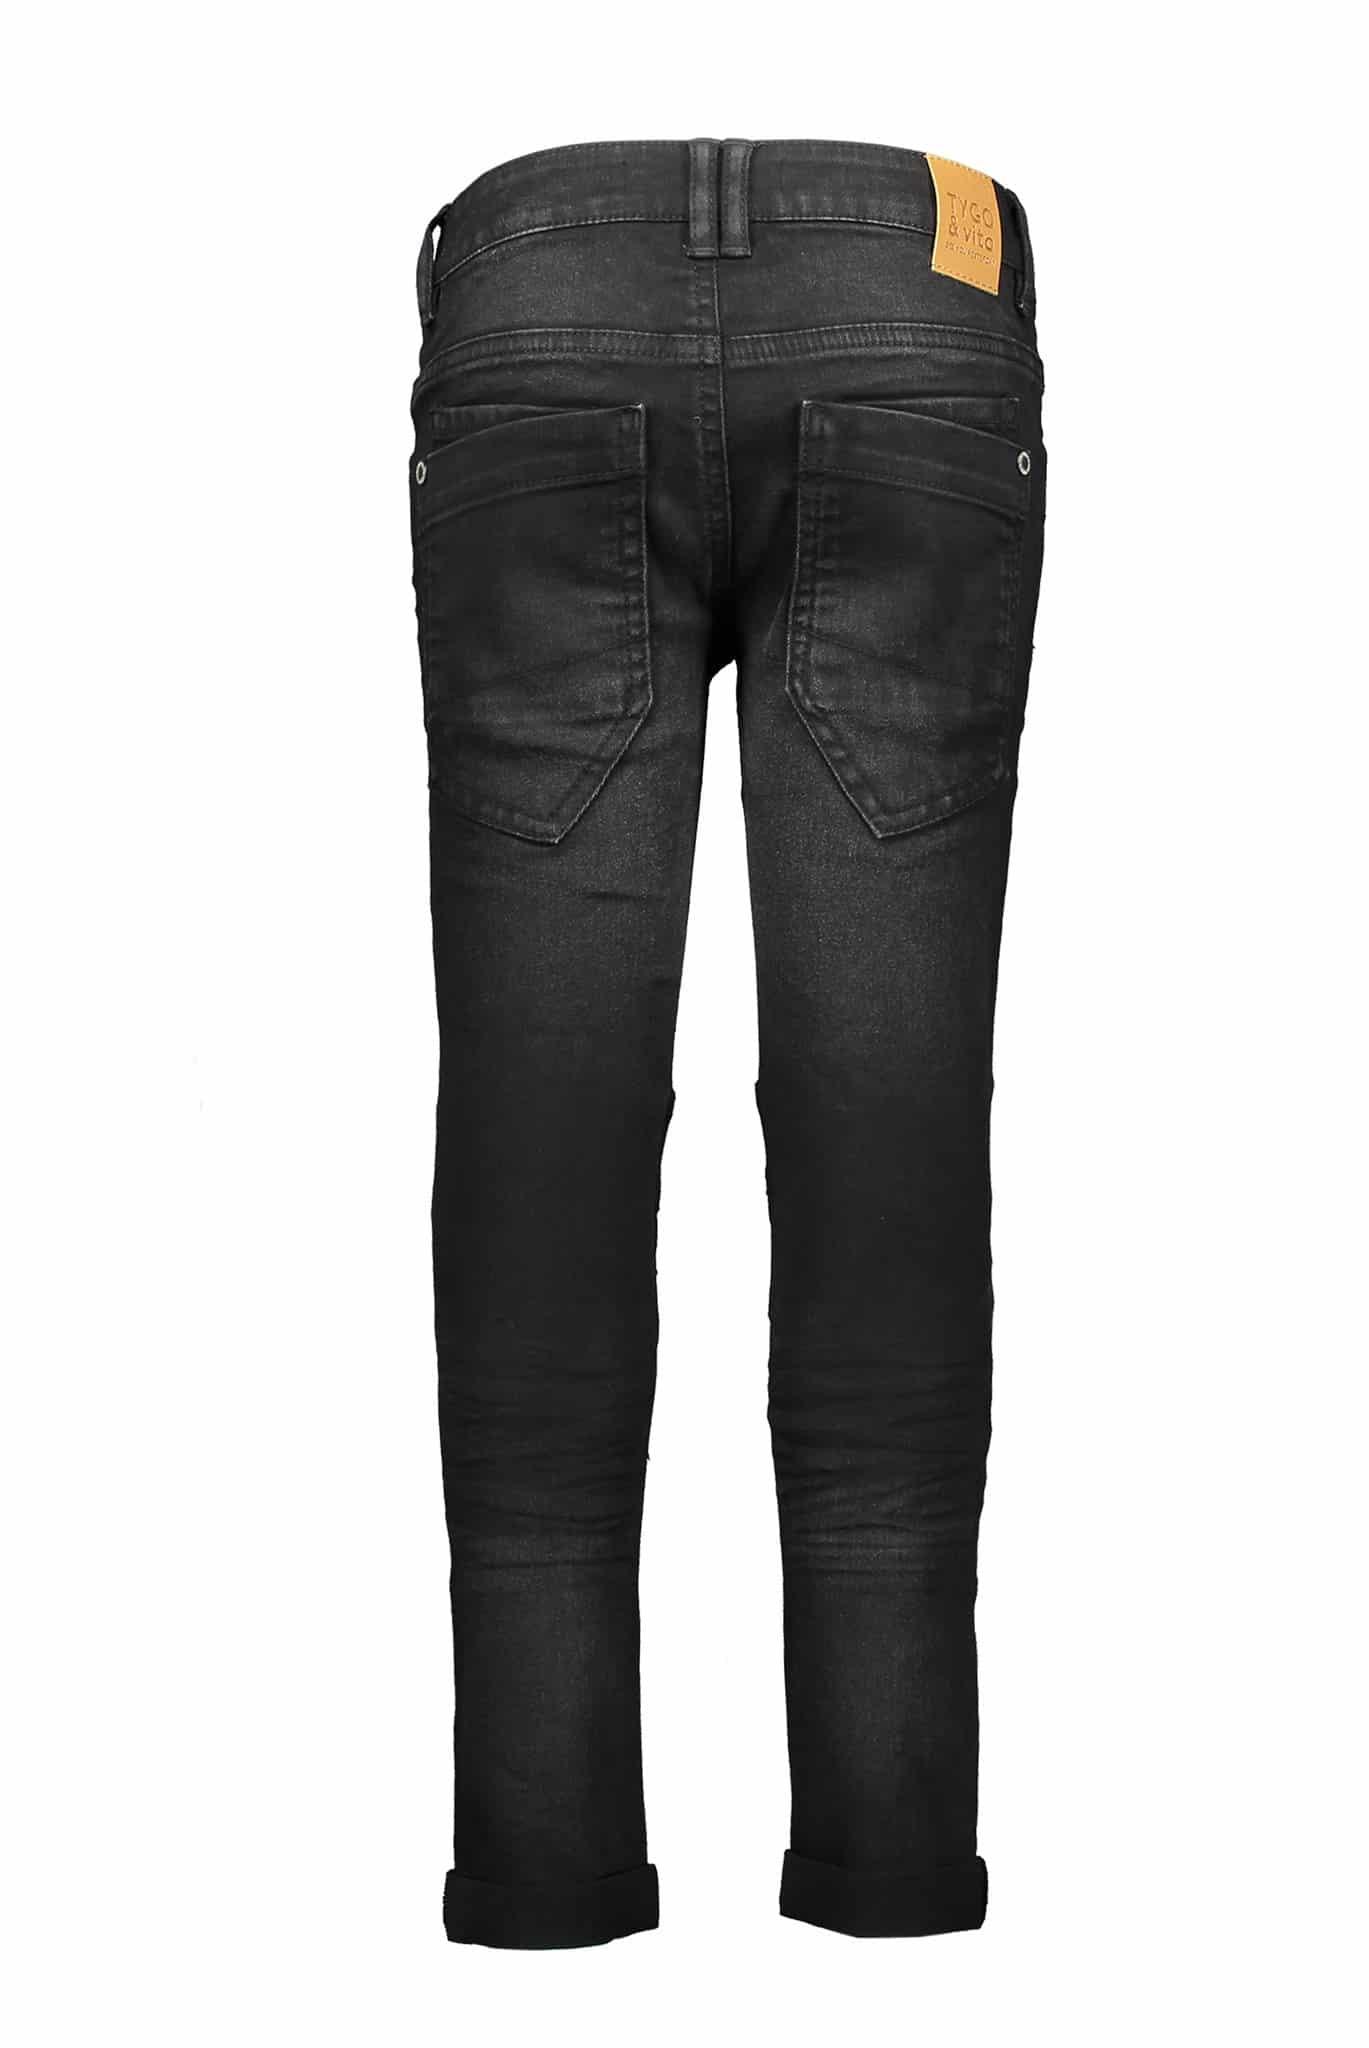 Tygo & Vito Jeans Black